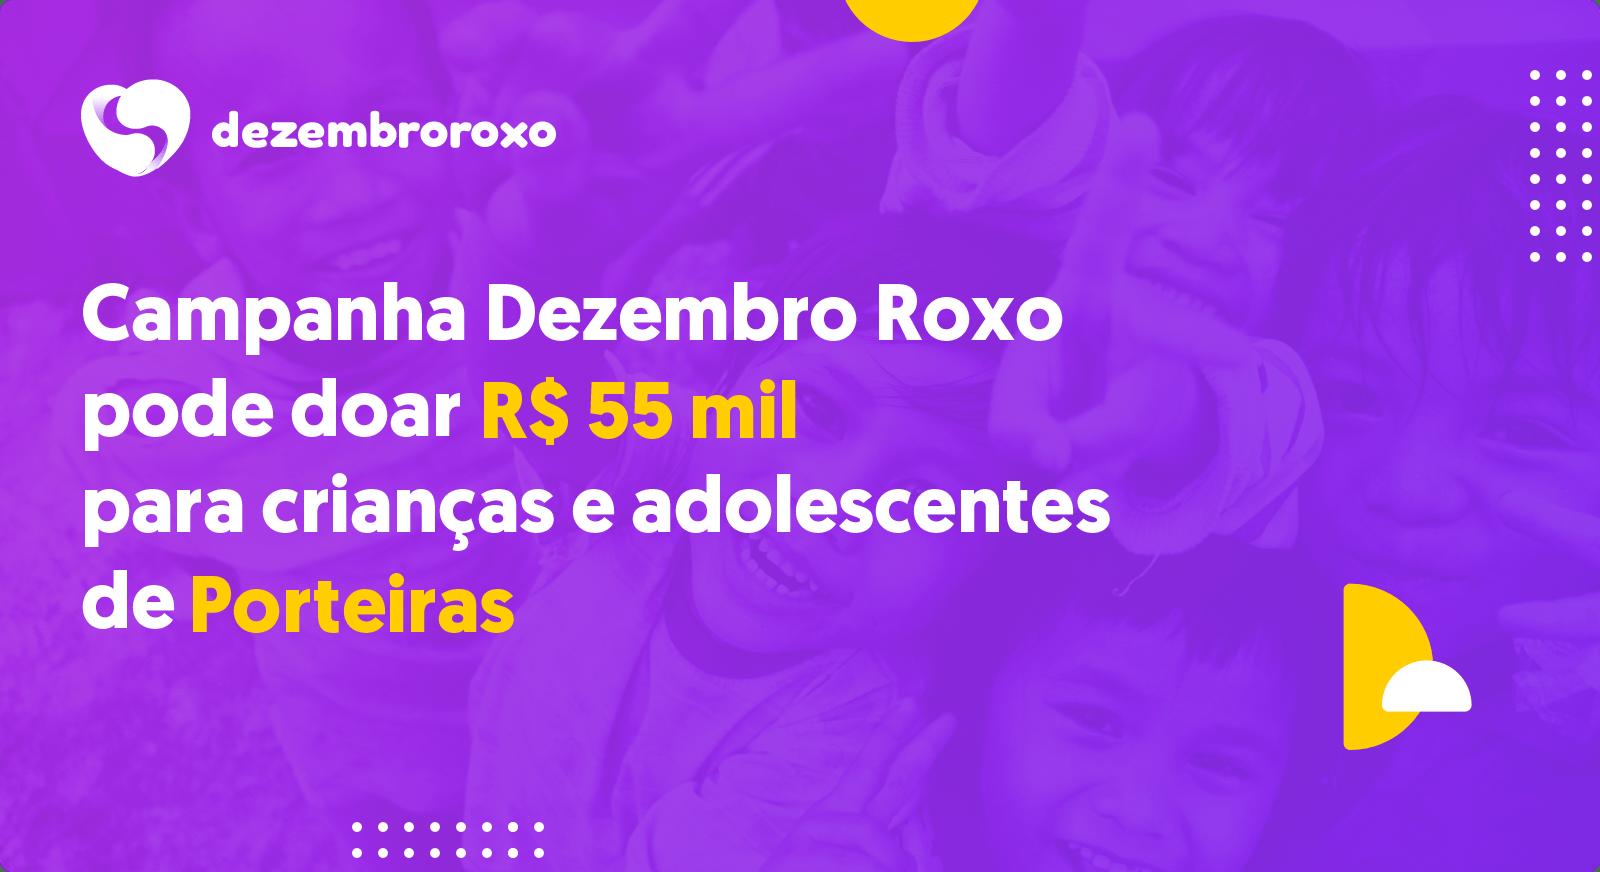 Doações em Porteiras - CE